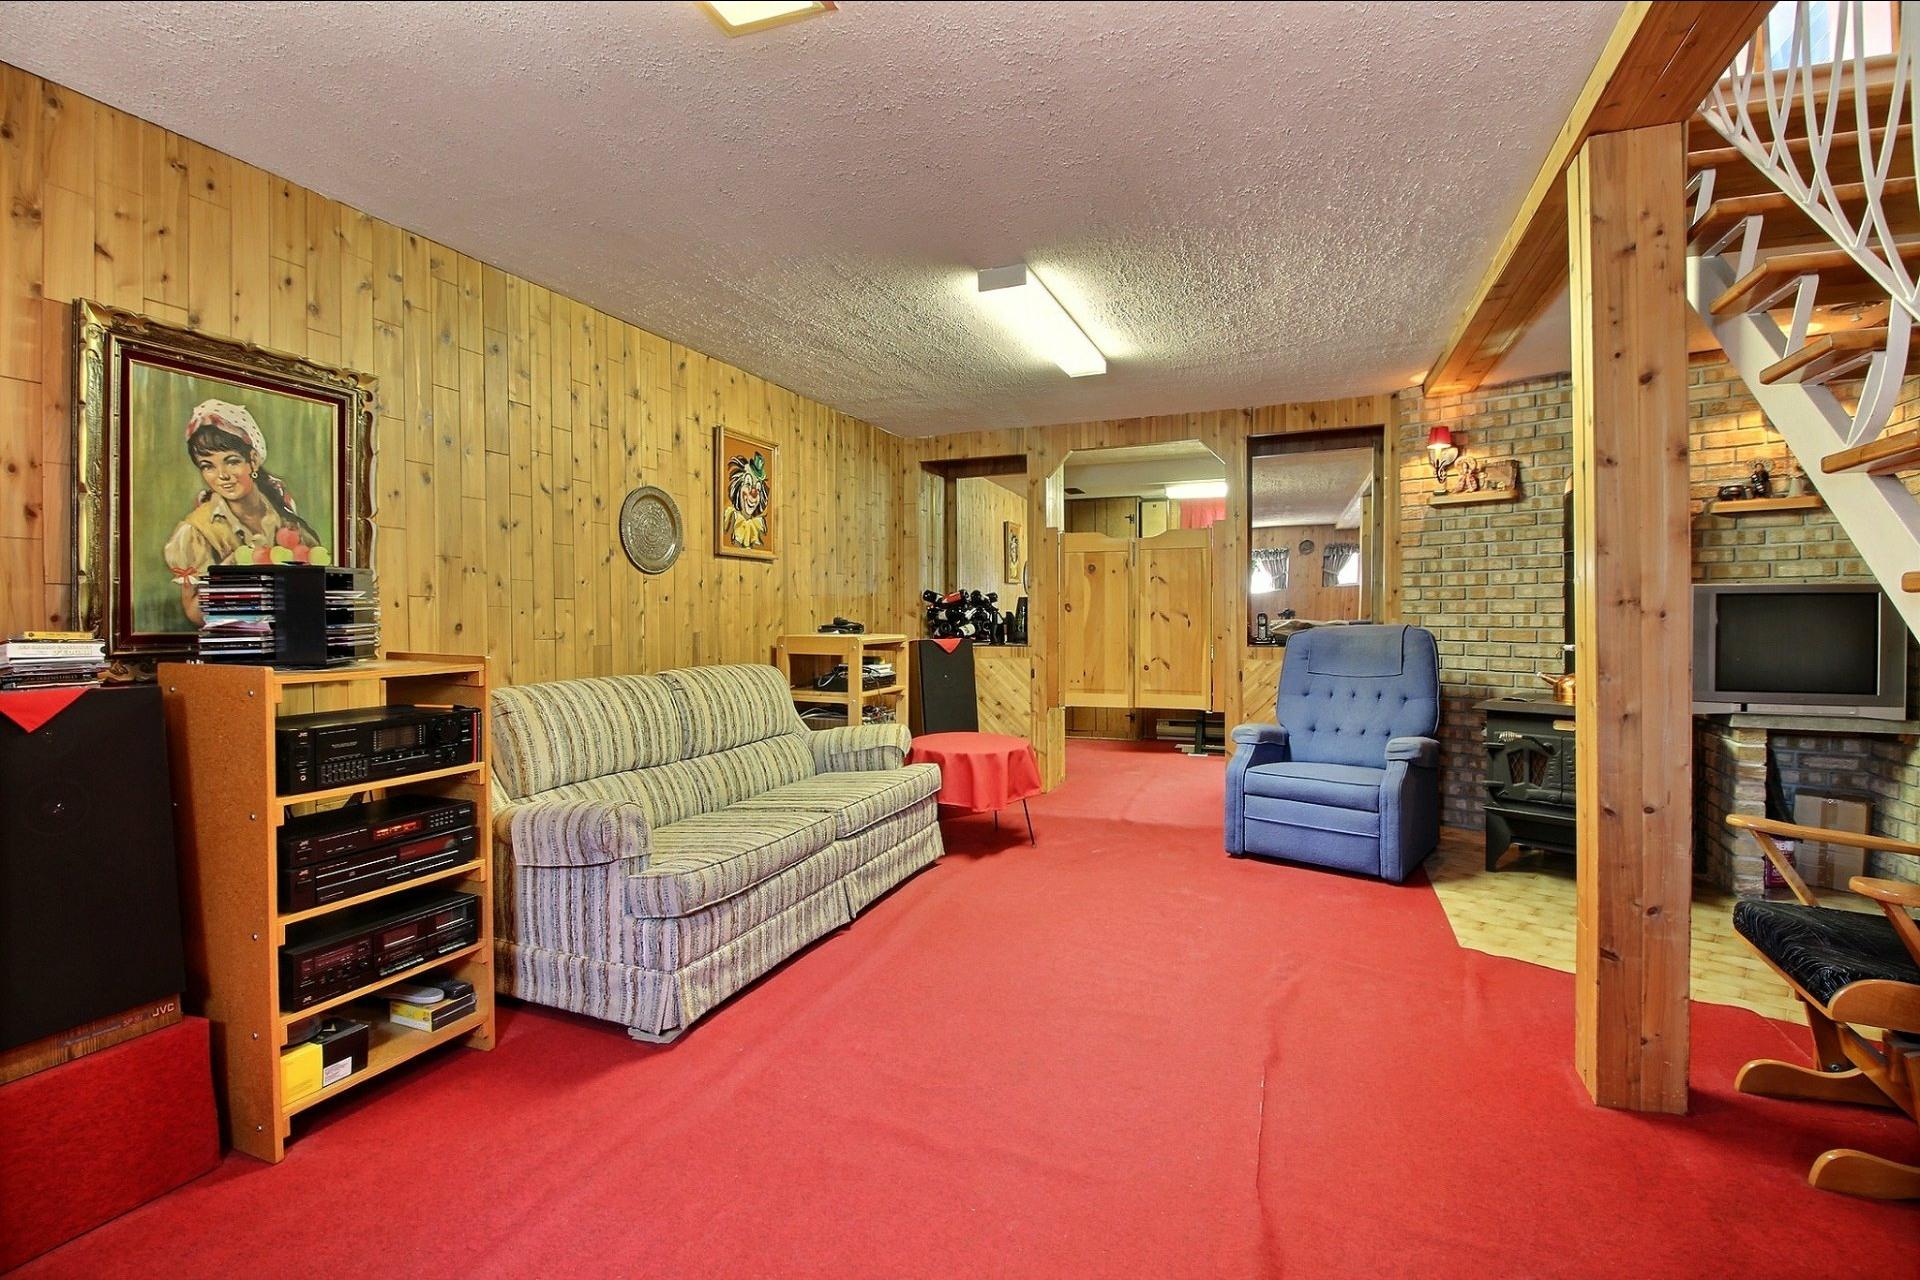 image 15 - Duplex For sale Montréal Rivière-des-Prairies/Pointe-aux-Trembles  - 6 rooms